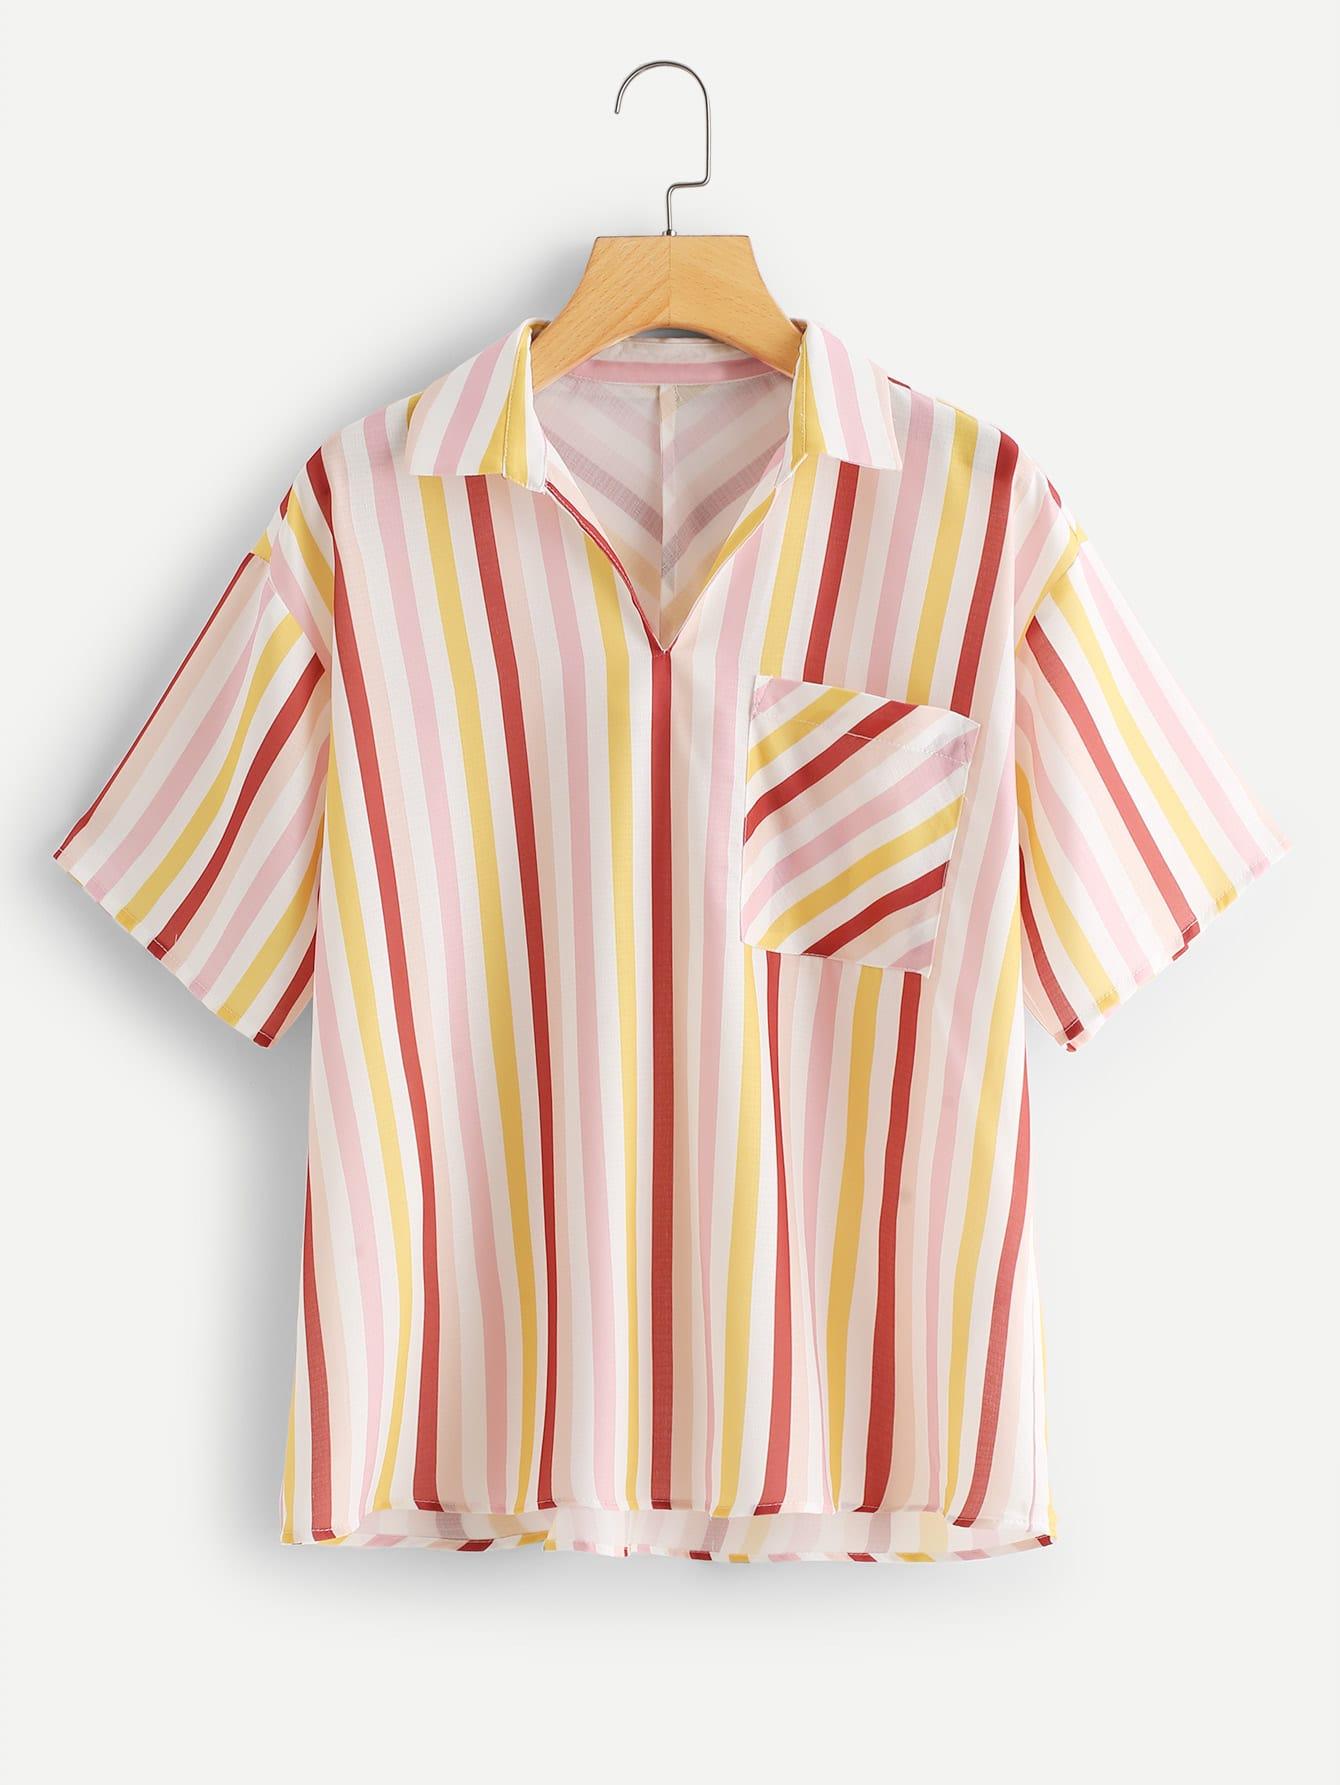 Drop Shoulder Pocket Patched Striped Blouse pocket patched striped shell shirt